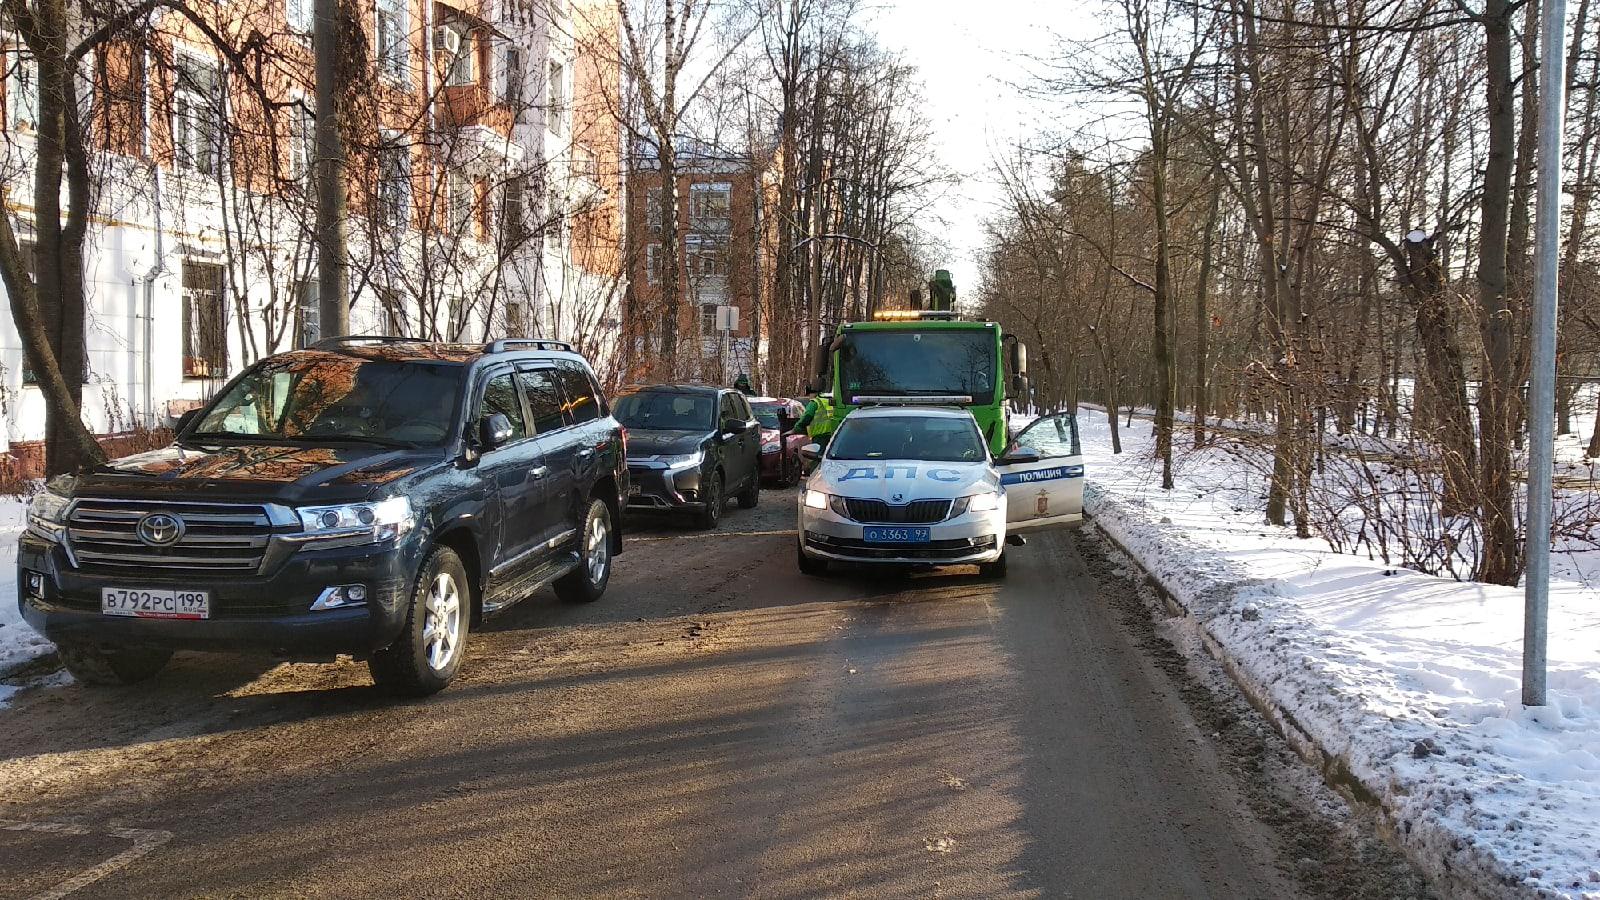 Таскают машины с мест для инвалидов.